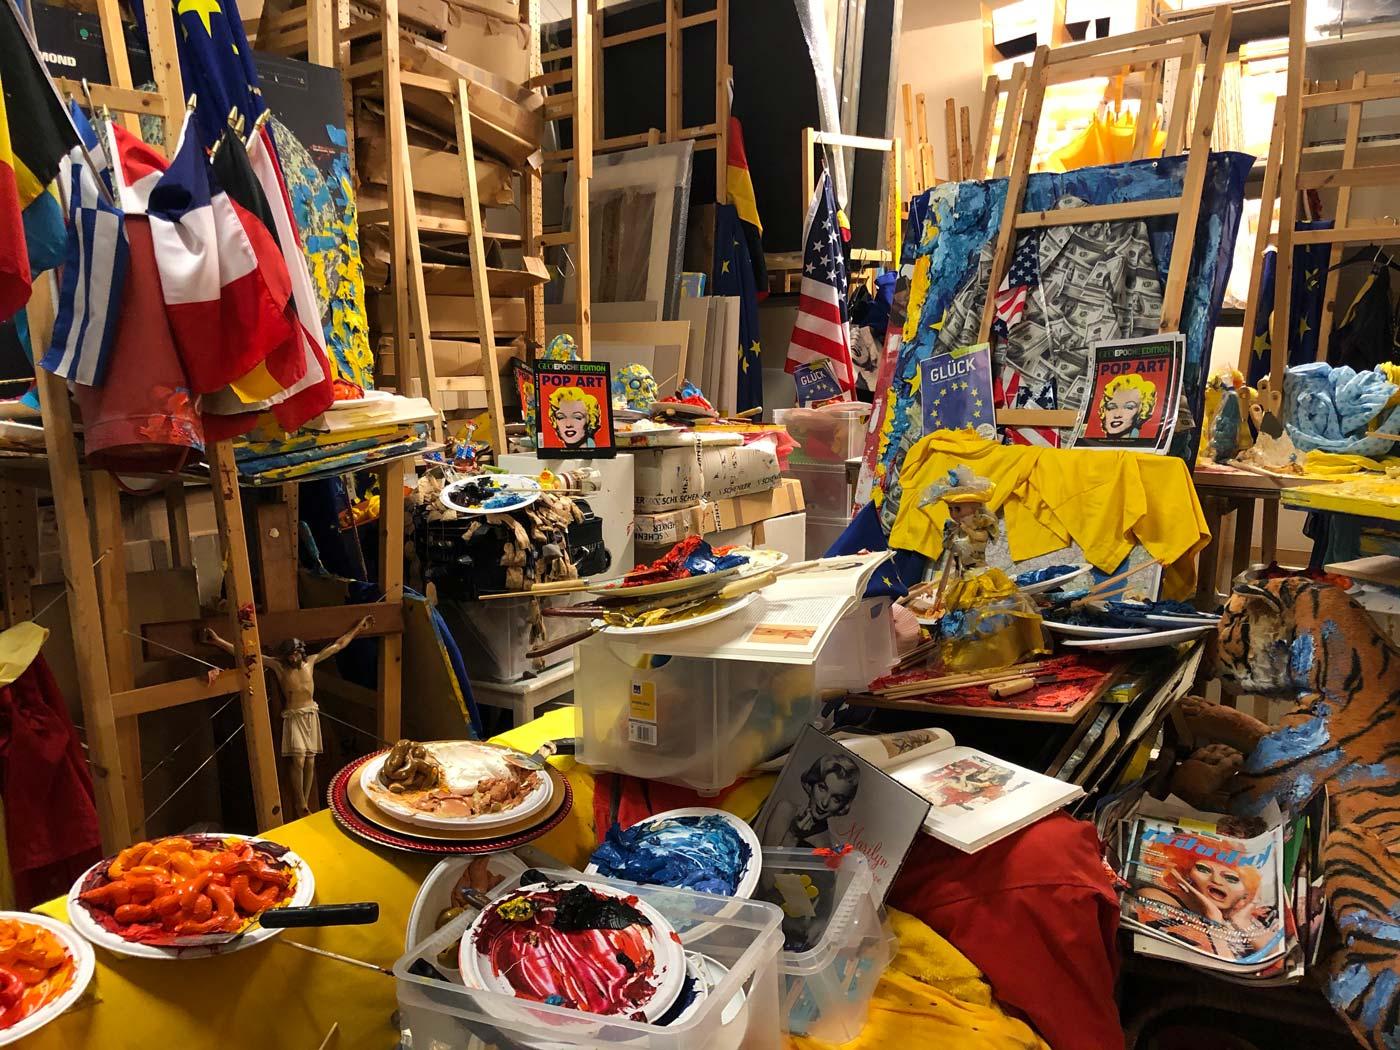 chaotisches Atelier mit Gemälden, offenen Farben, Staffeleien und Fahnen